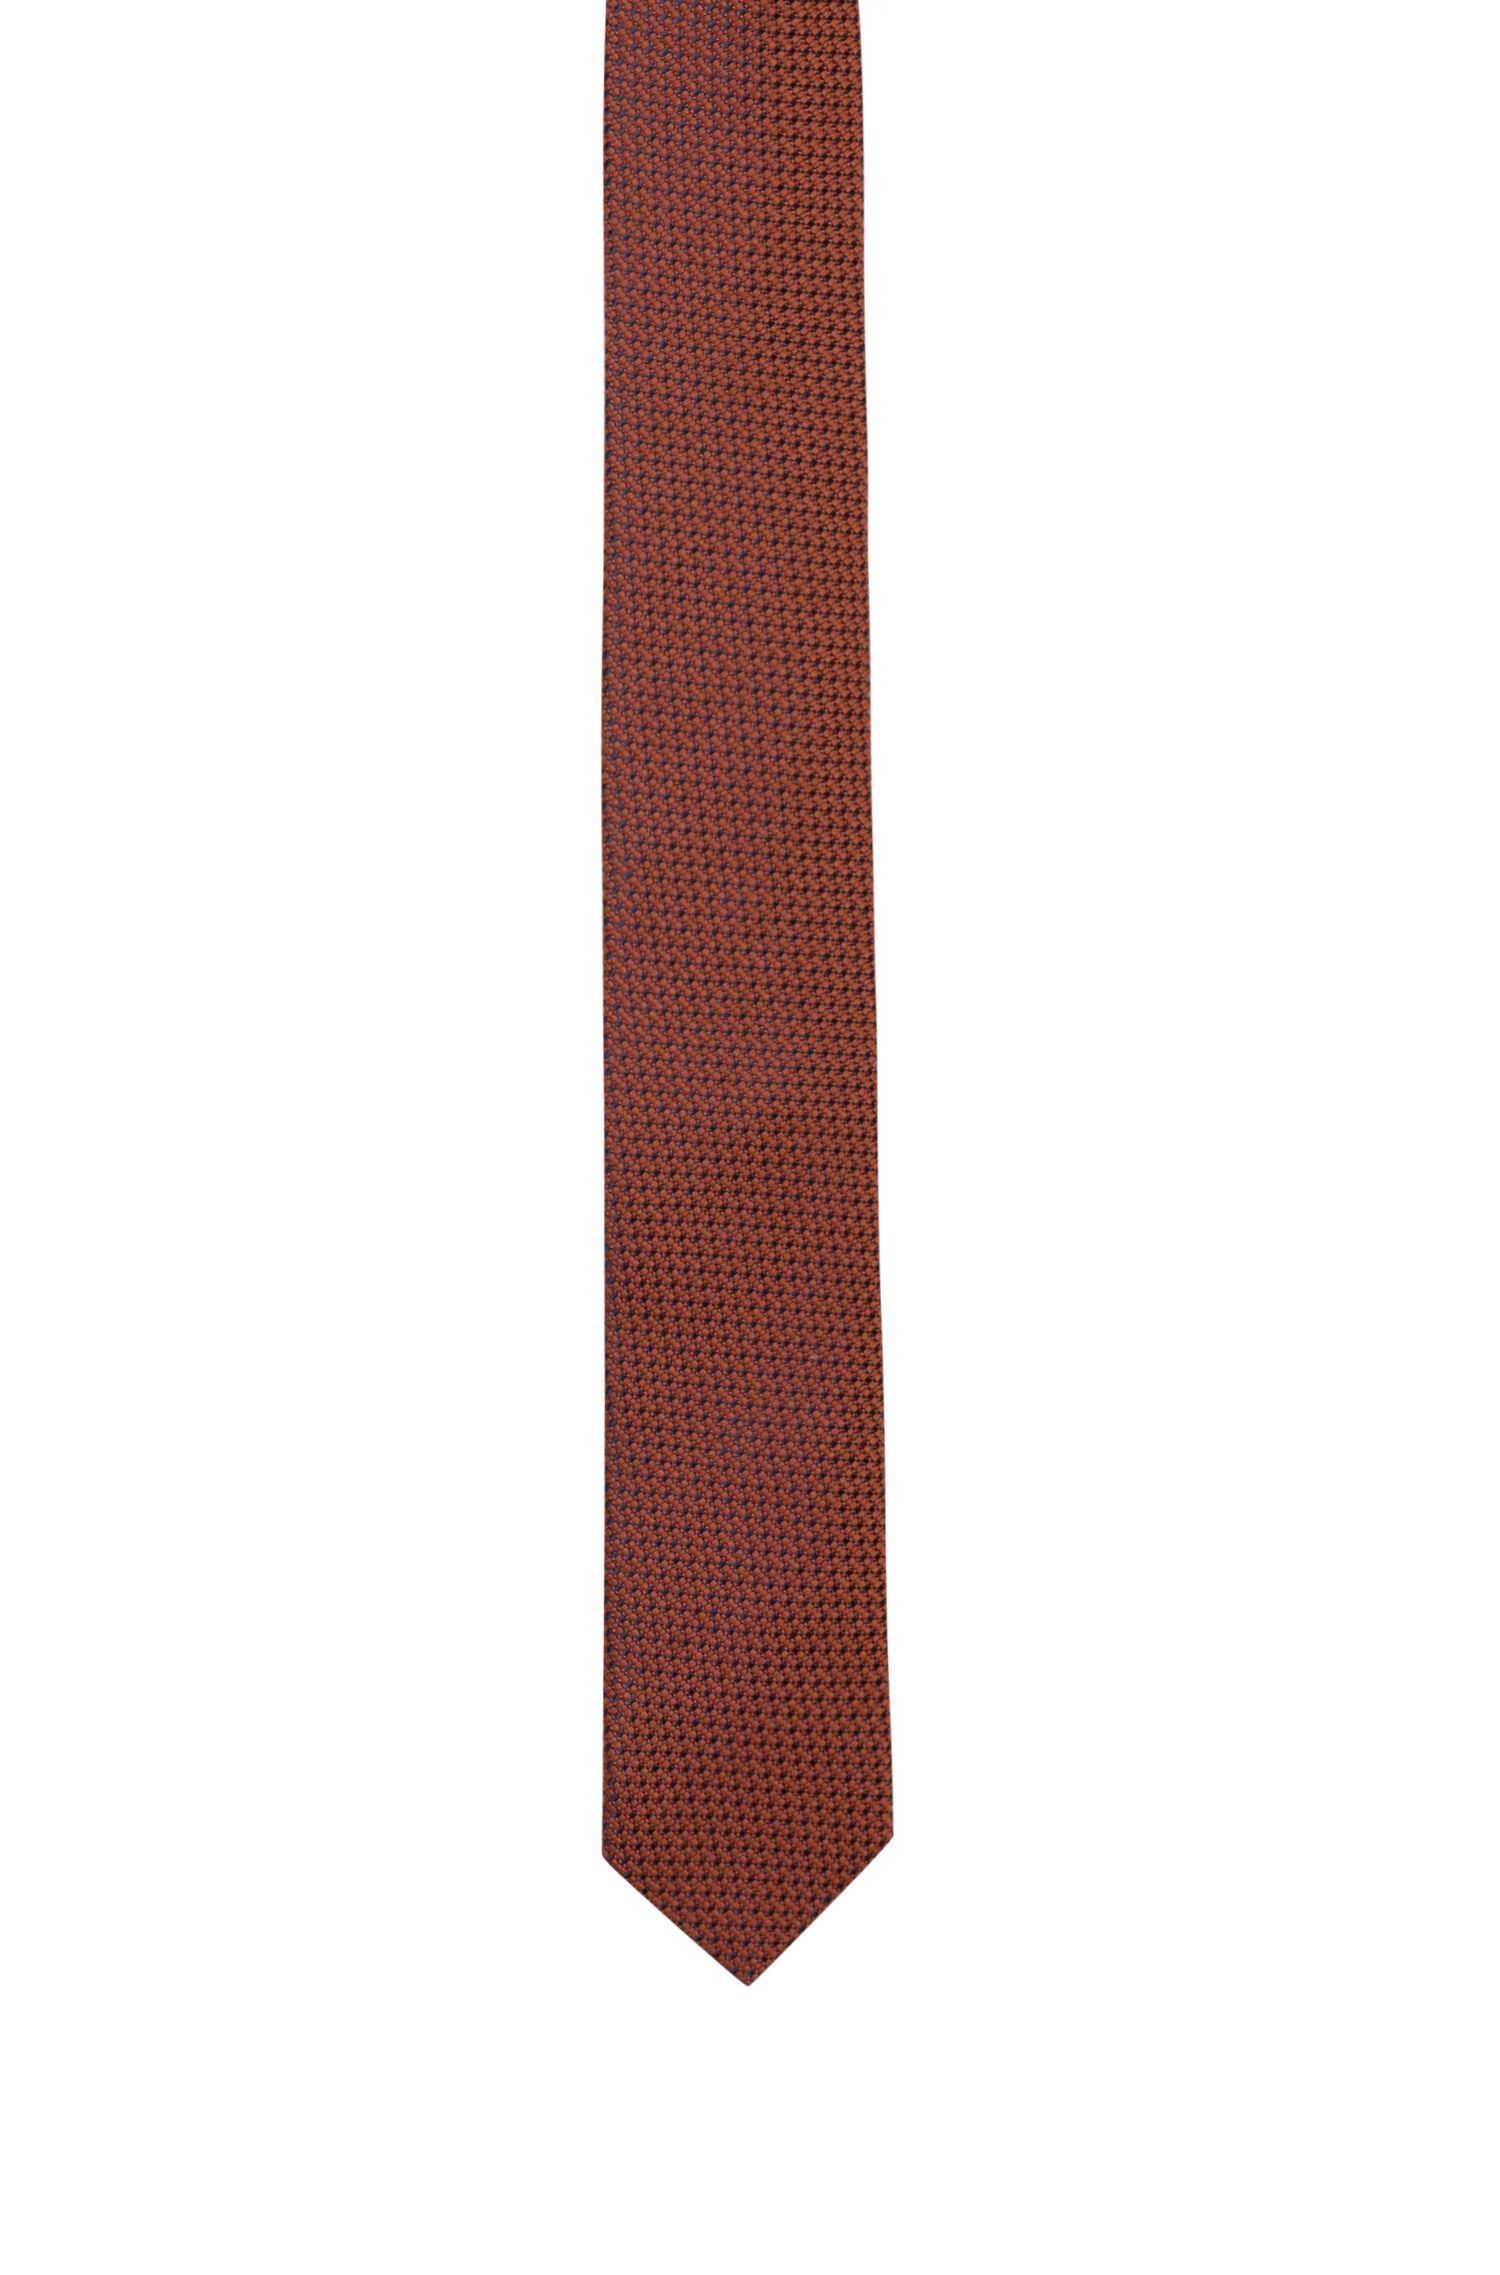 Cravate à micro-motif en jacquard de laine mélangée, Orange